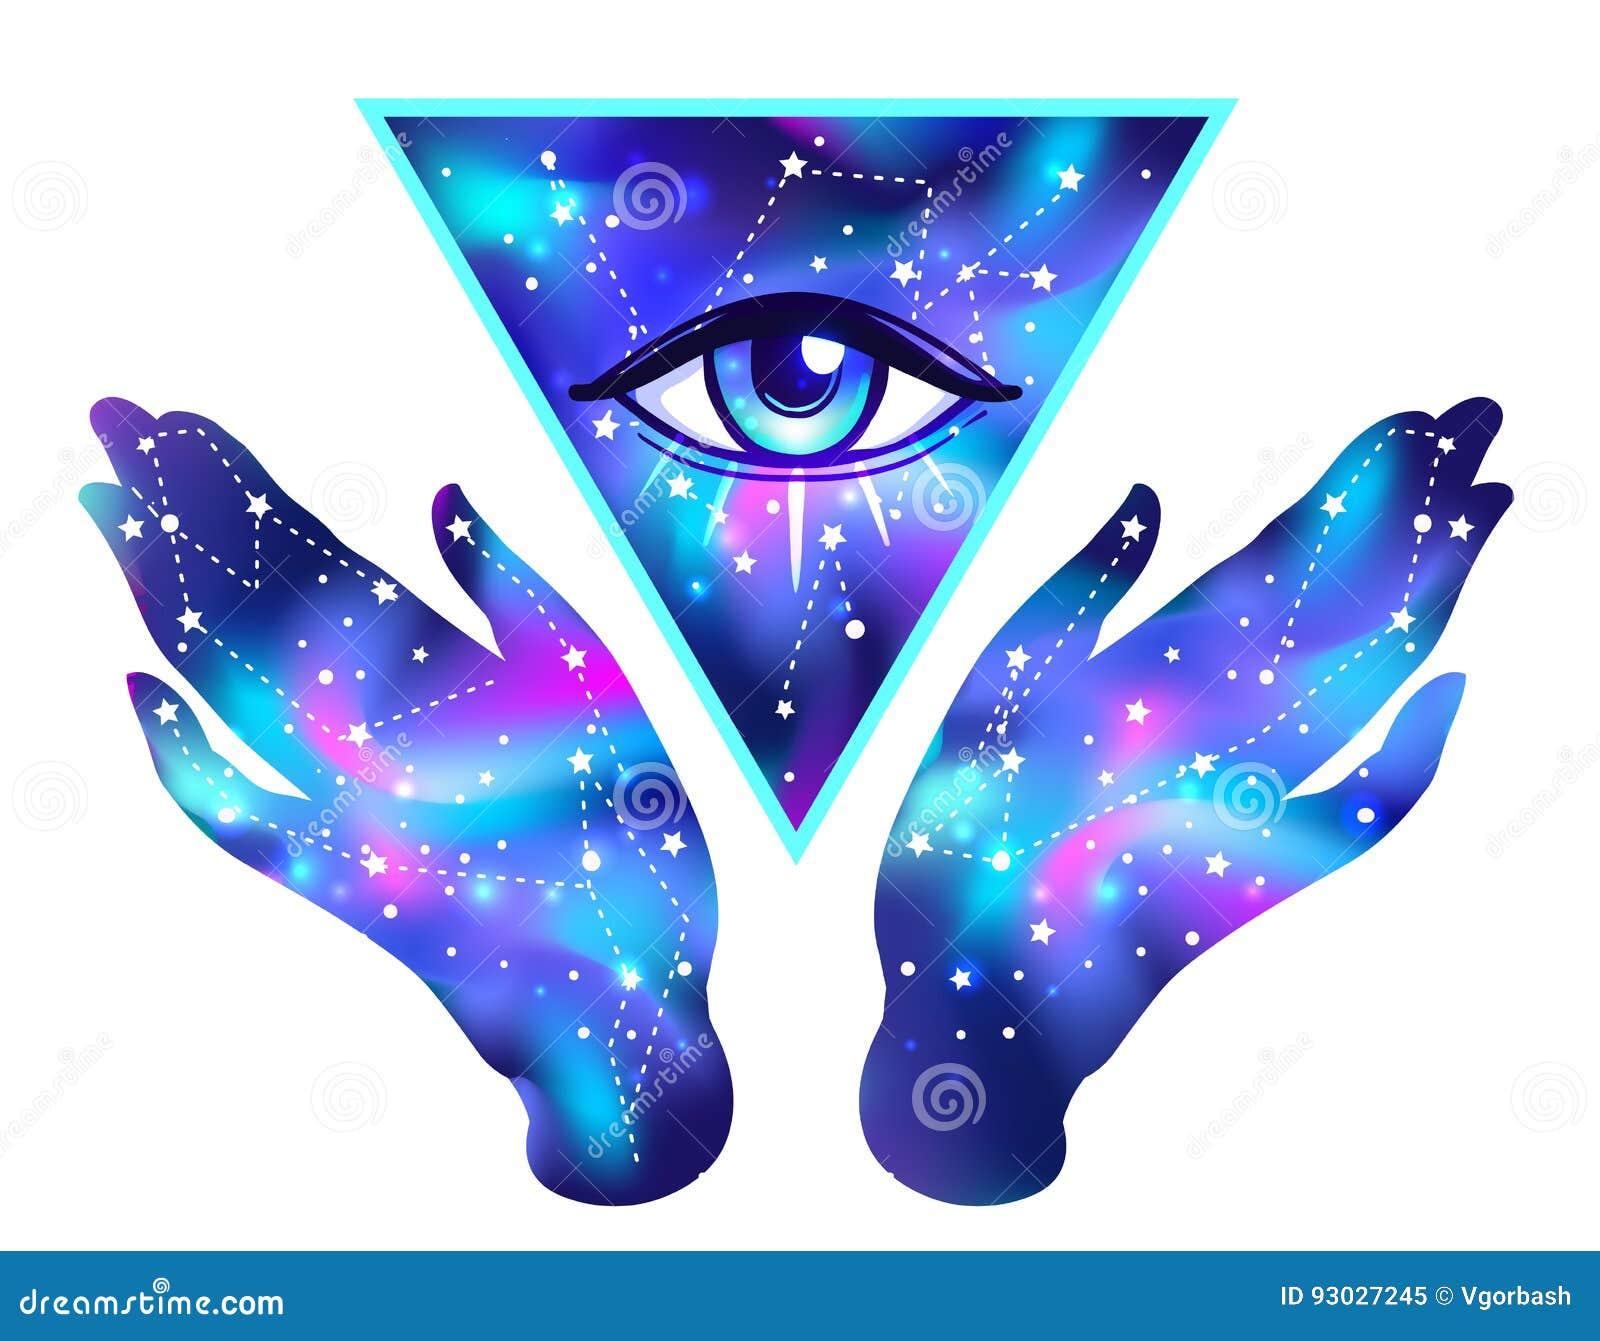 Abra as mãos com o interior da galáxia aberto em torno do símbolo maçônico Wo novo